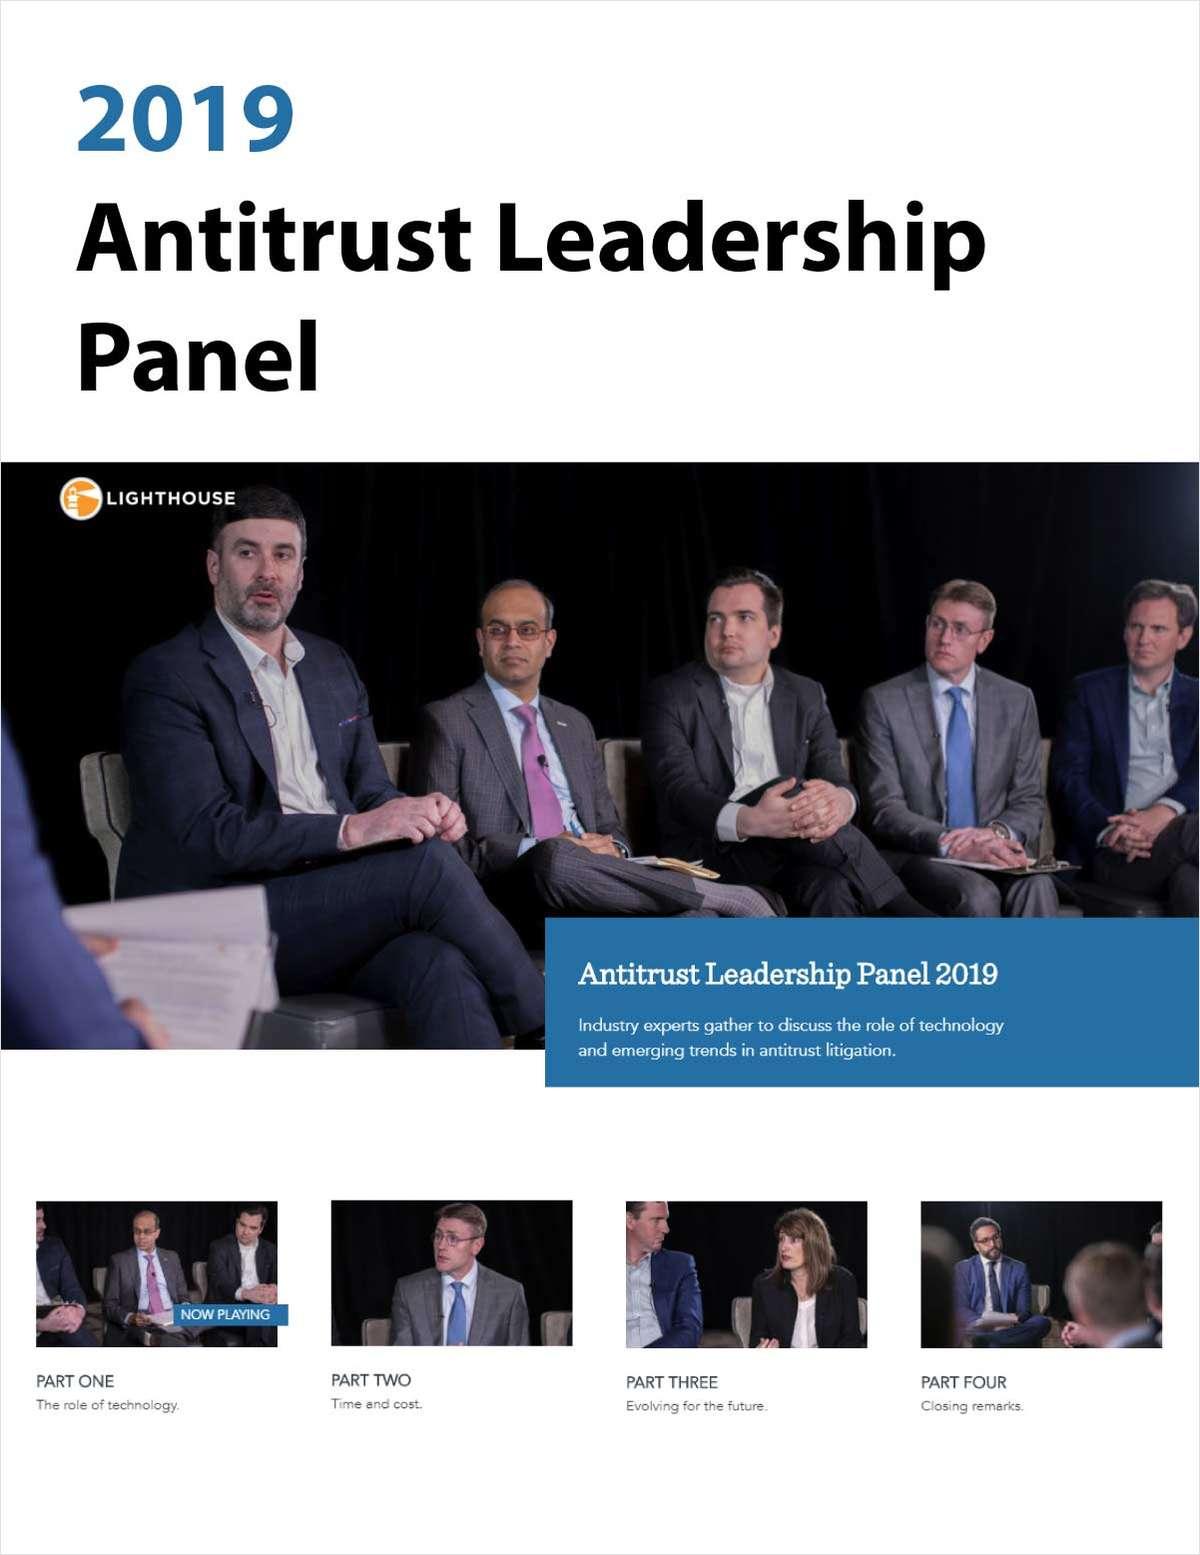 2019 Antitrust Leadership Panel